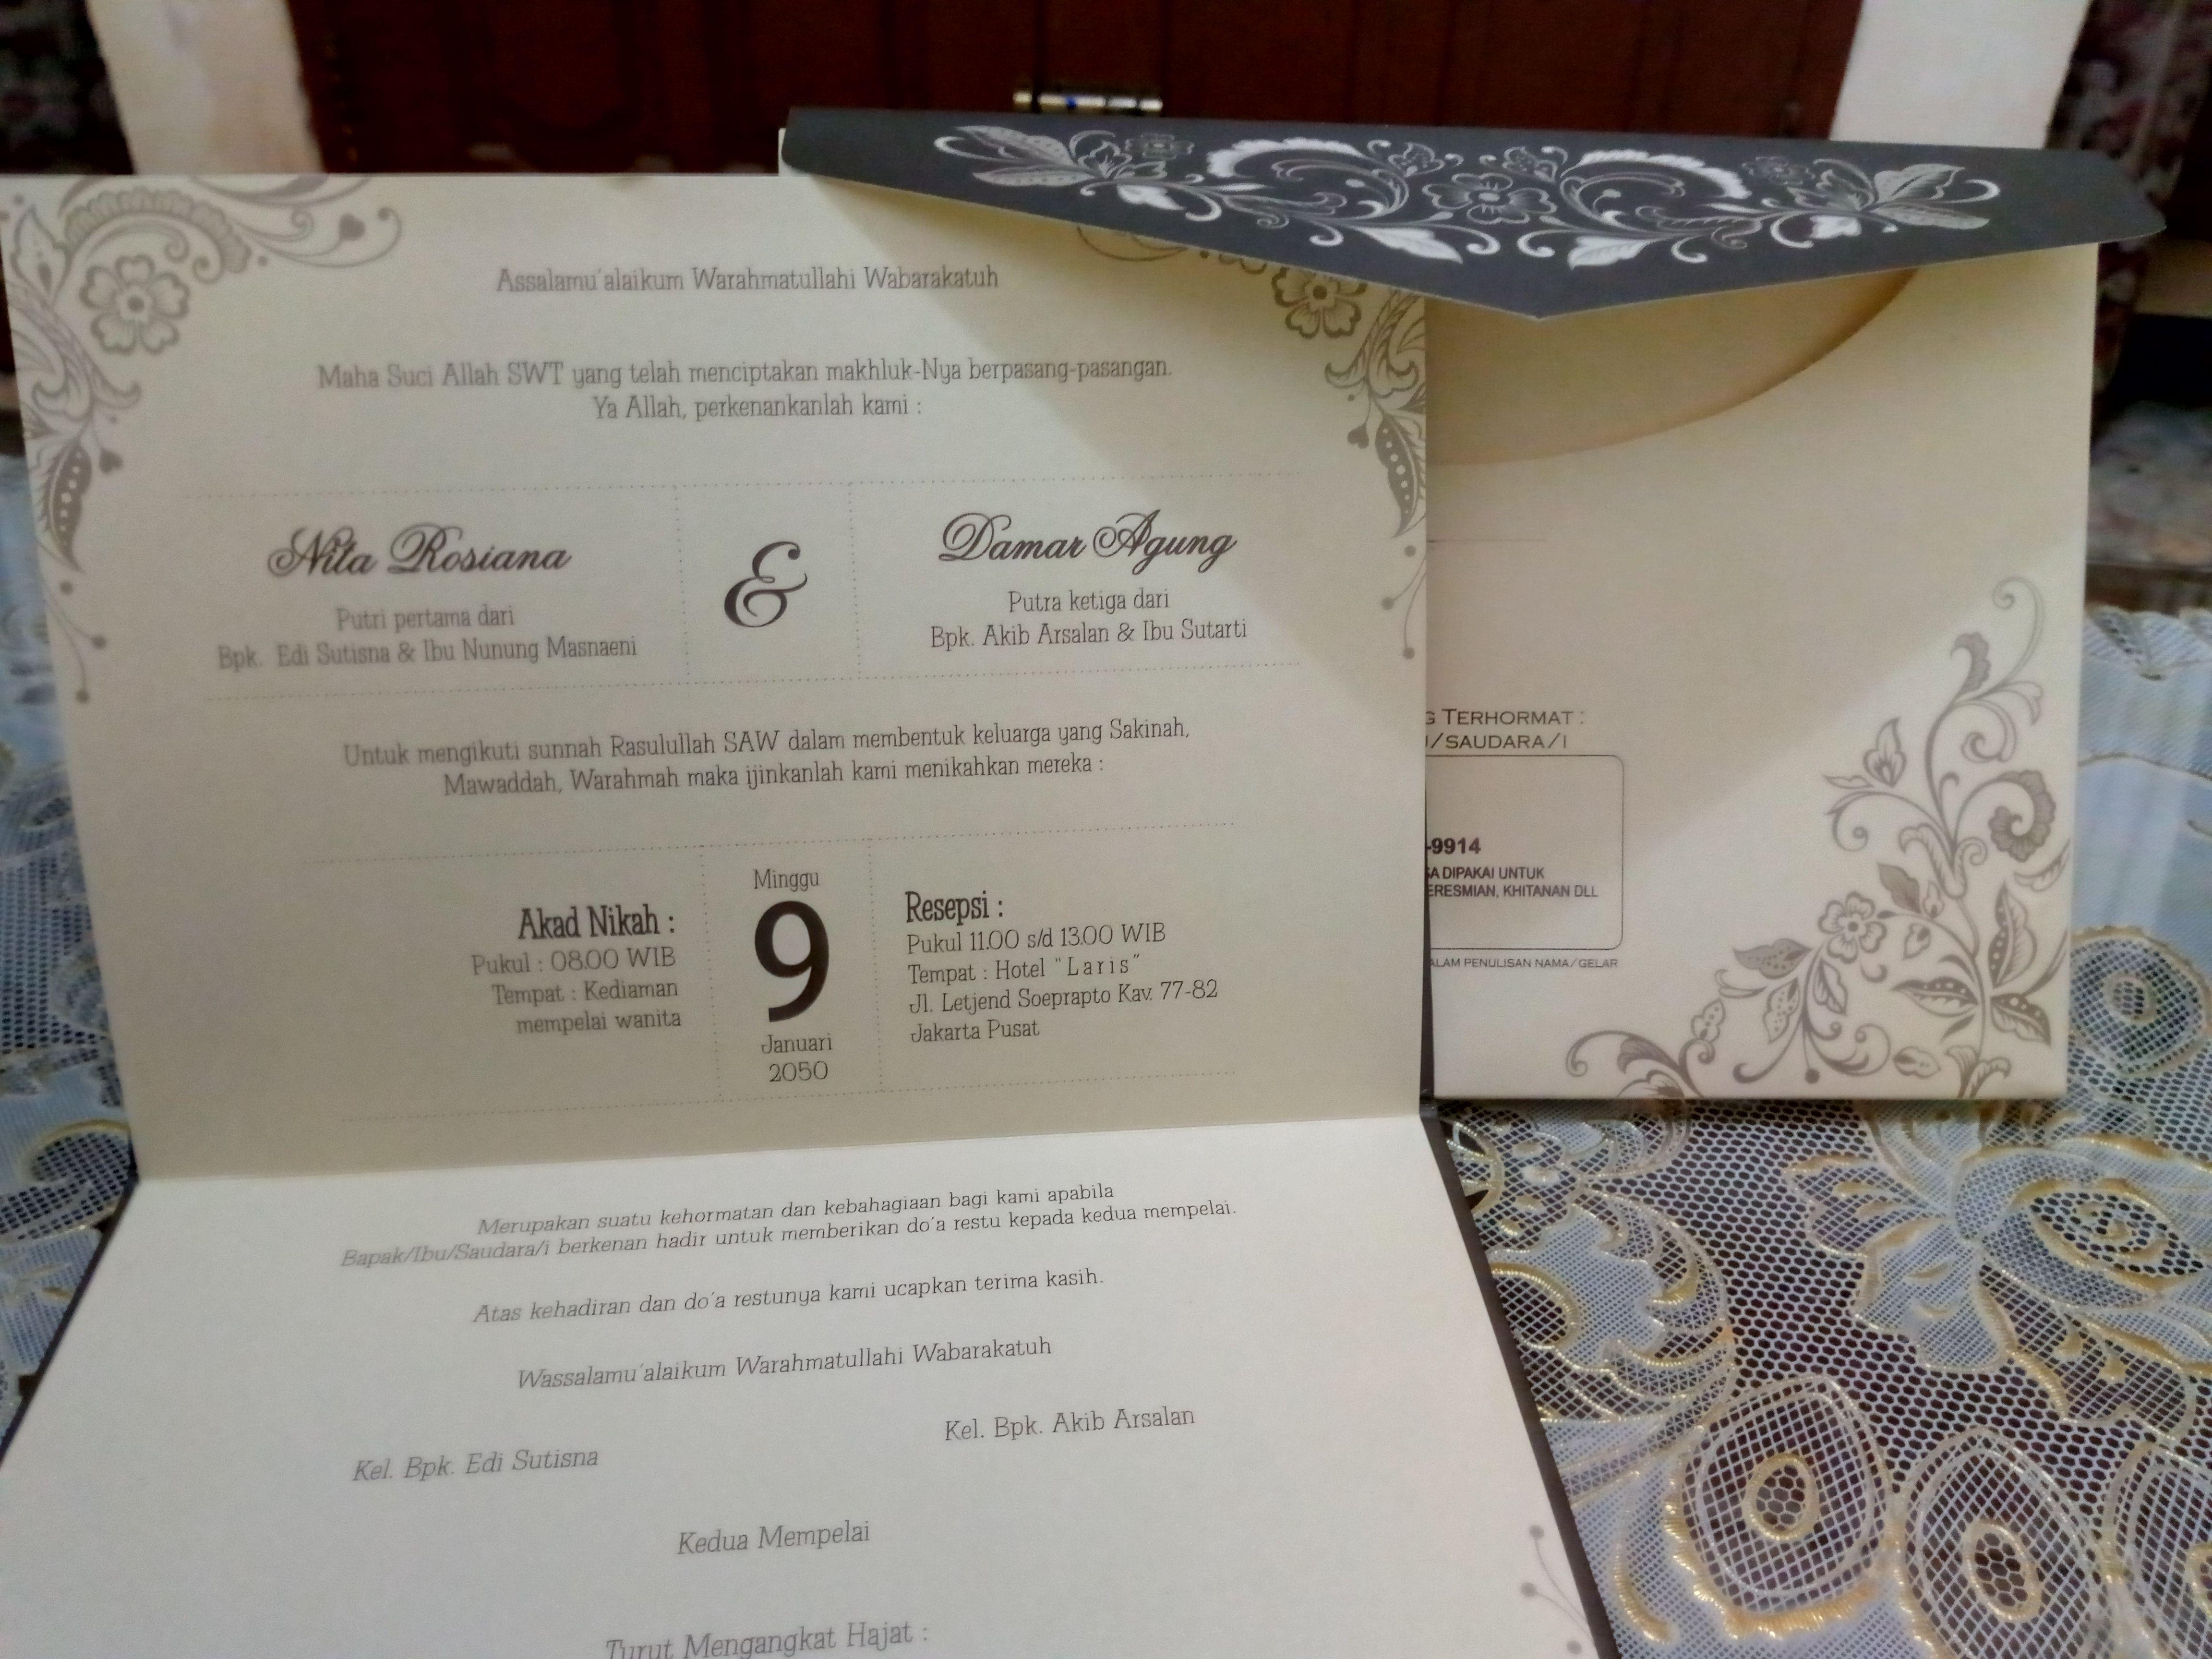 Call Wa 0821 3543 9895 Undangan Pernikahan Contoh Undangan